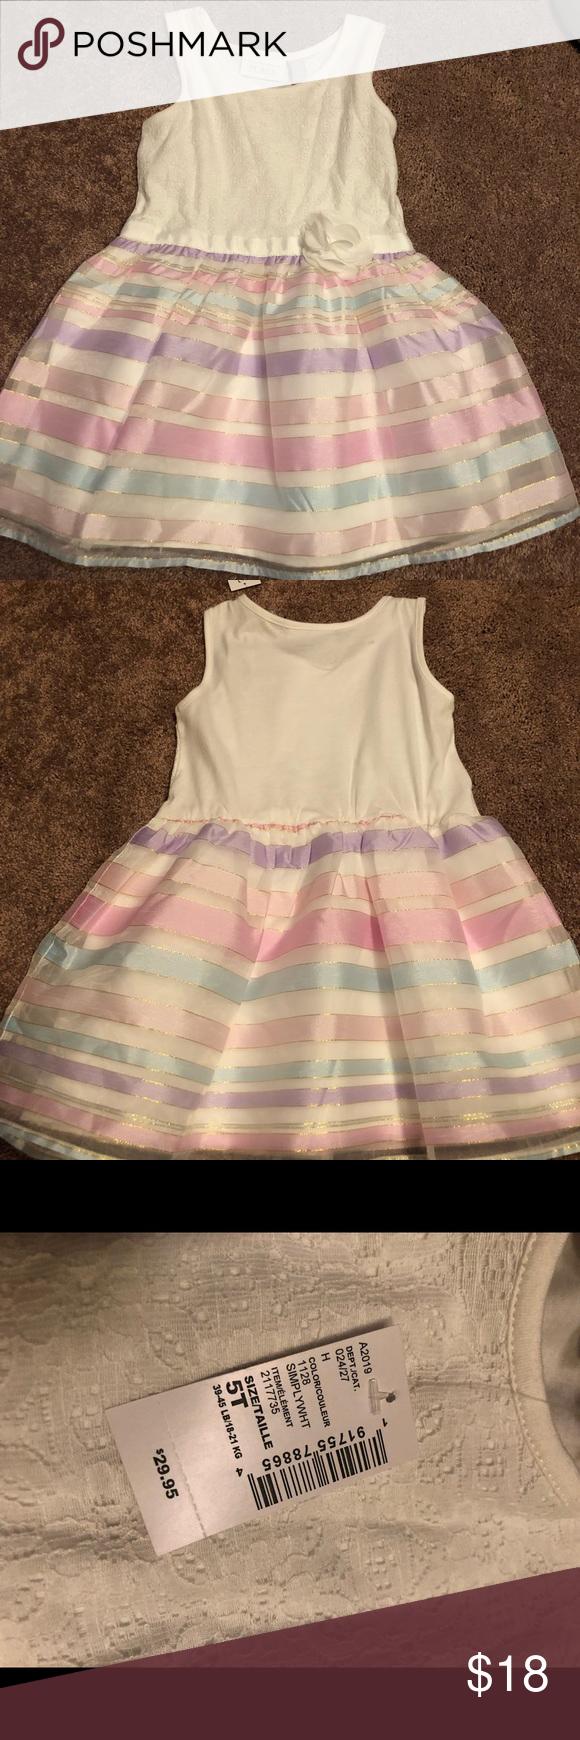 Nwt Girls Dummer Dress Dresses Summer Dresses Place Dress [ 1740 x 580 Pixel ]